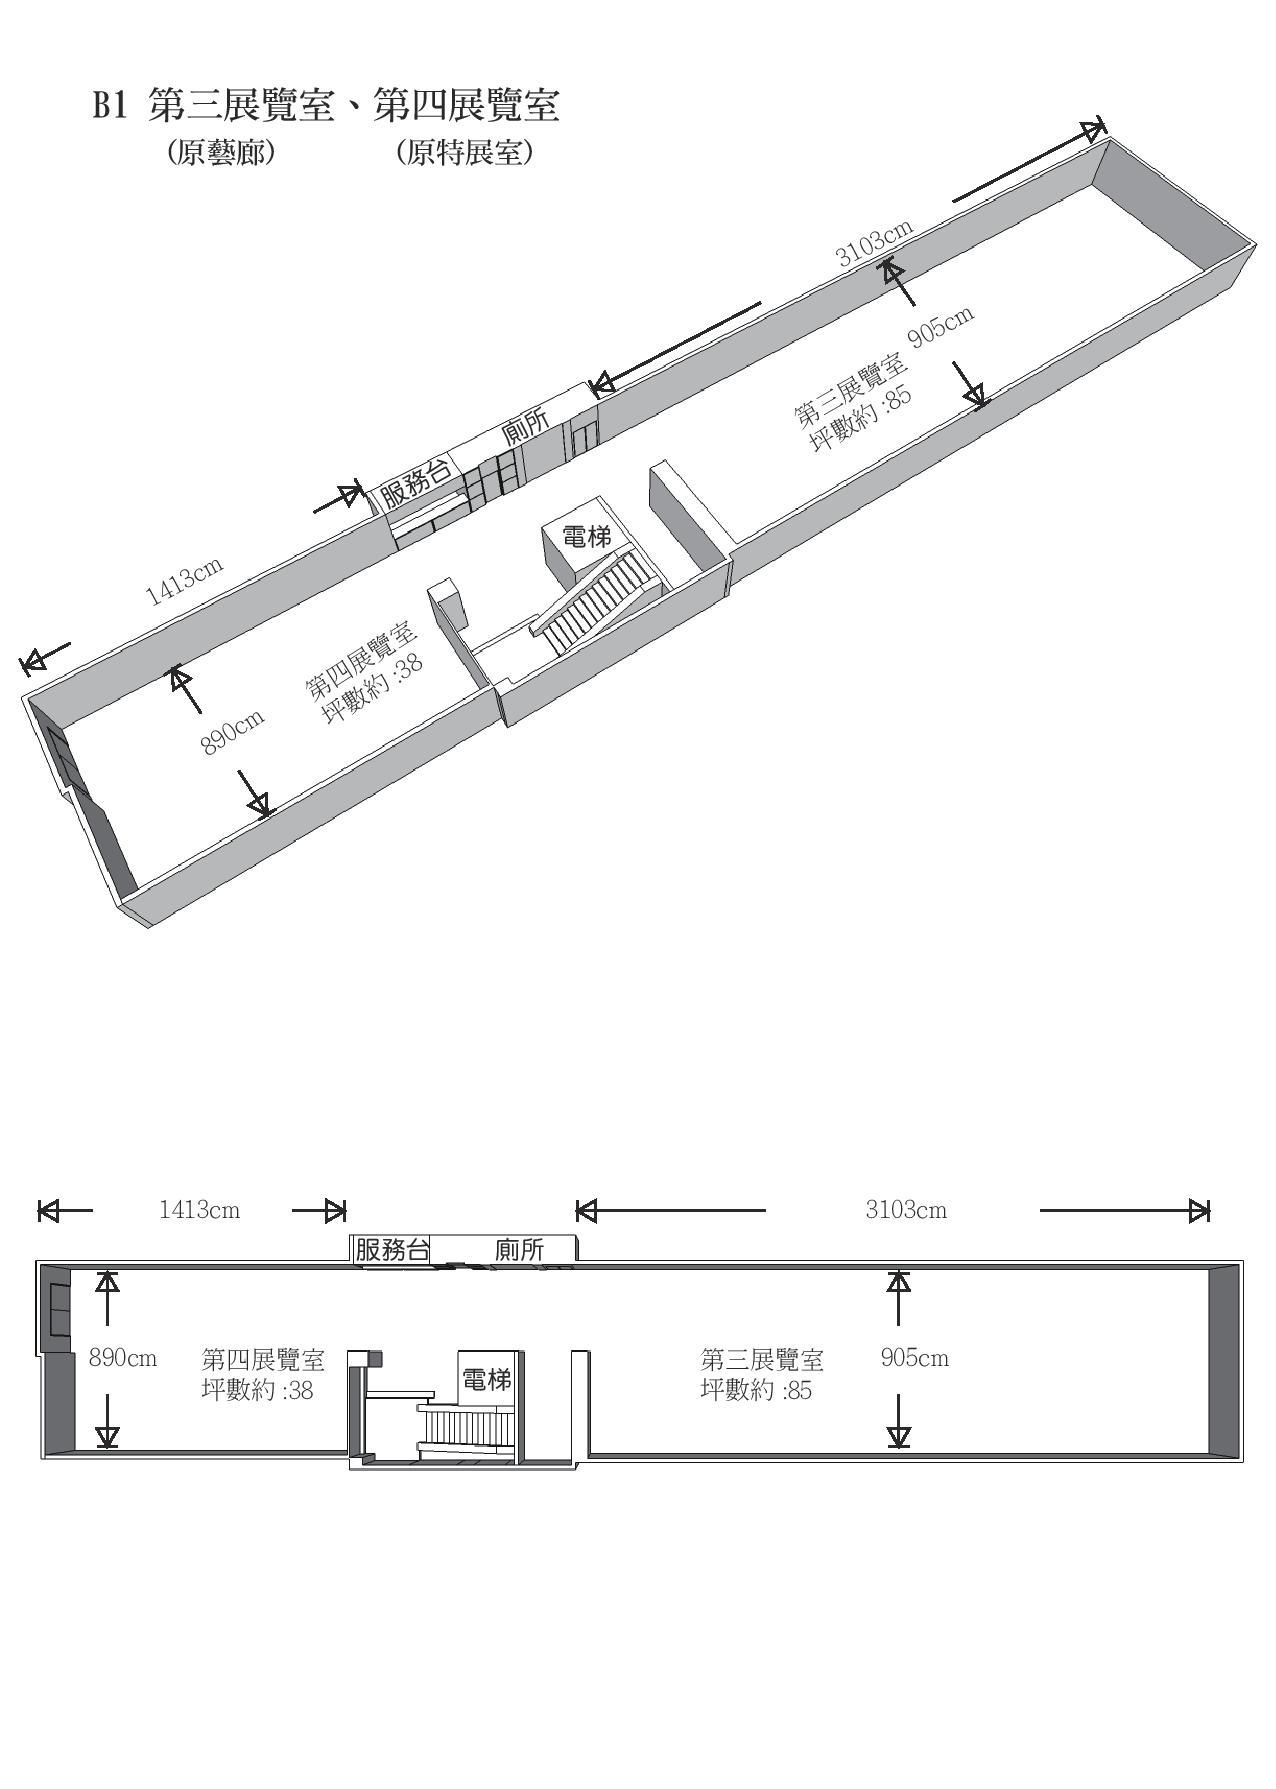 B1 第三、四展覽室